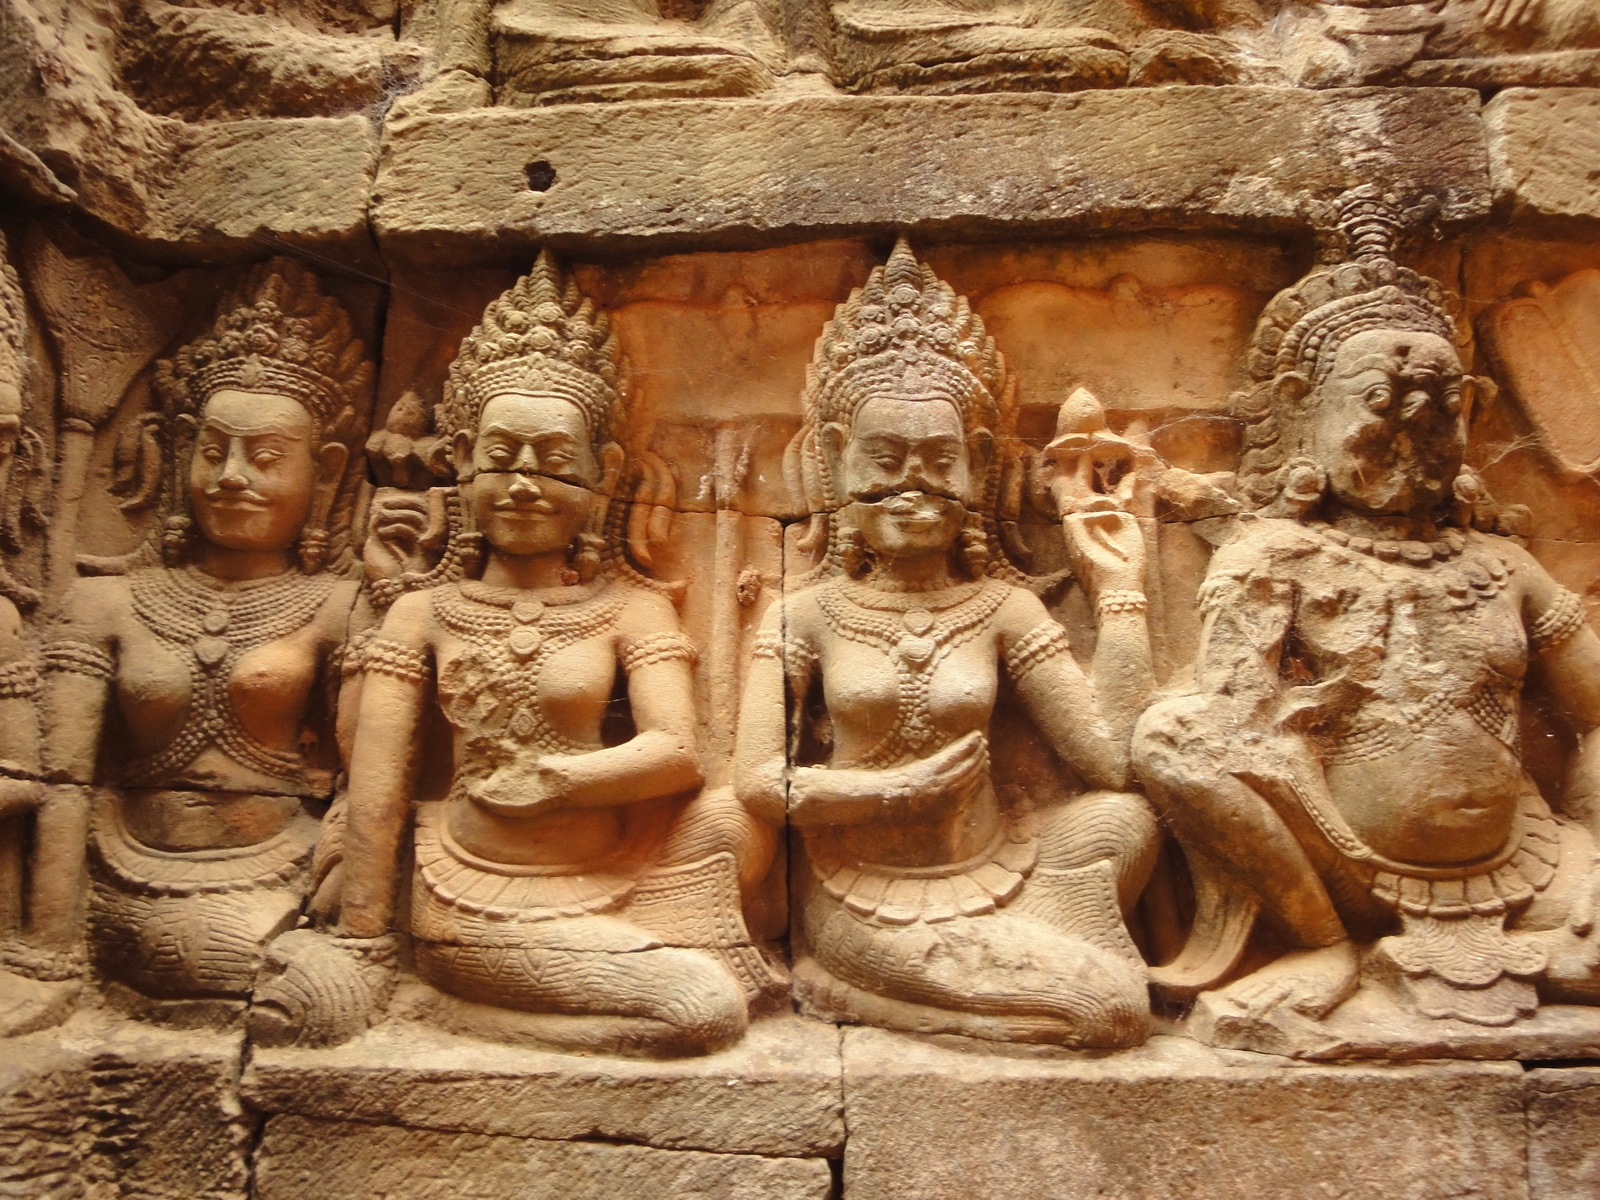 Leper King Terrace hidden wall underworld Nagas and deities 066